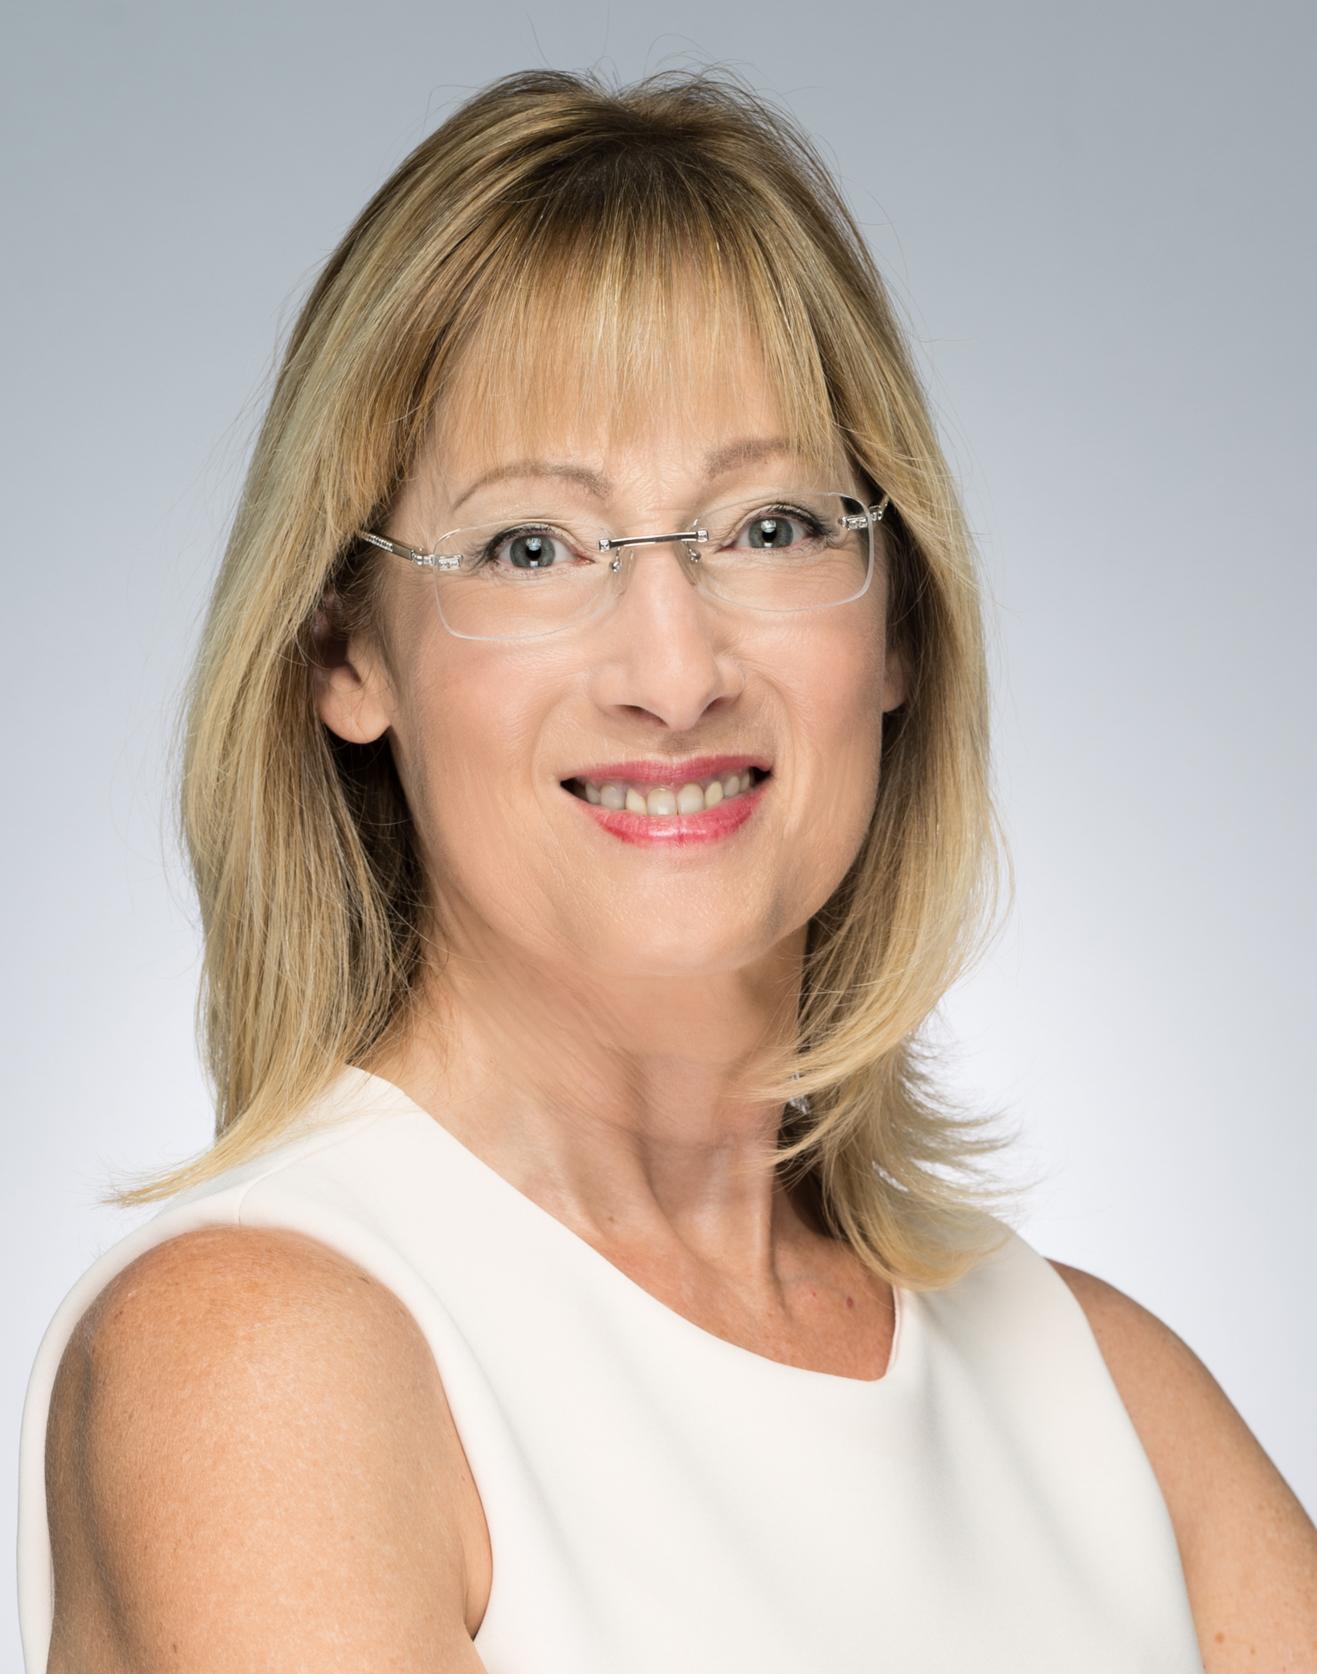 Lisa Rogstad